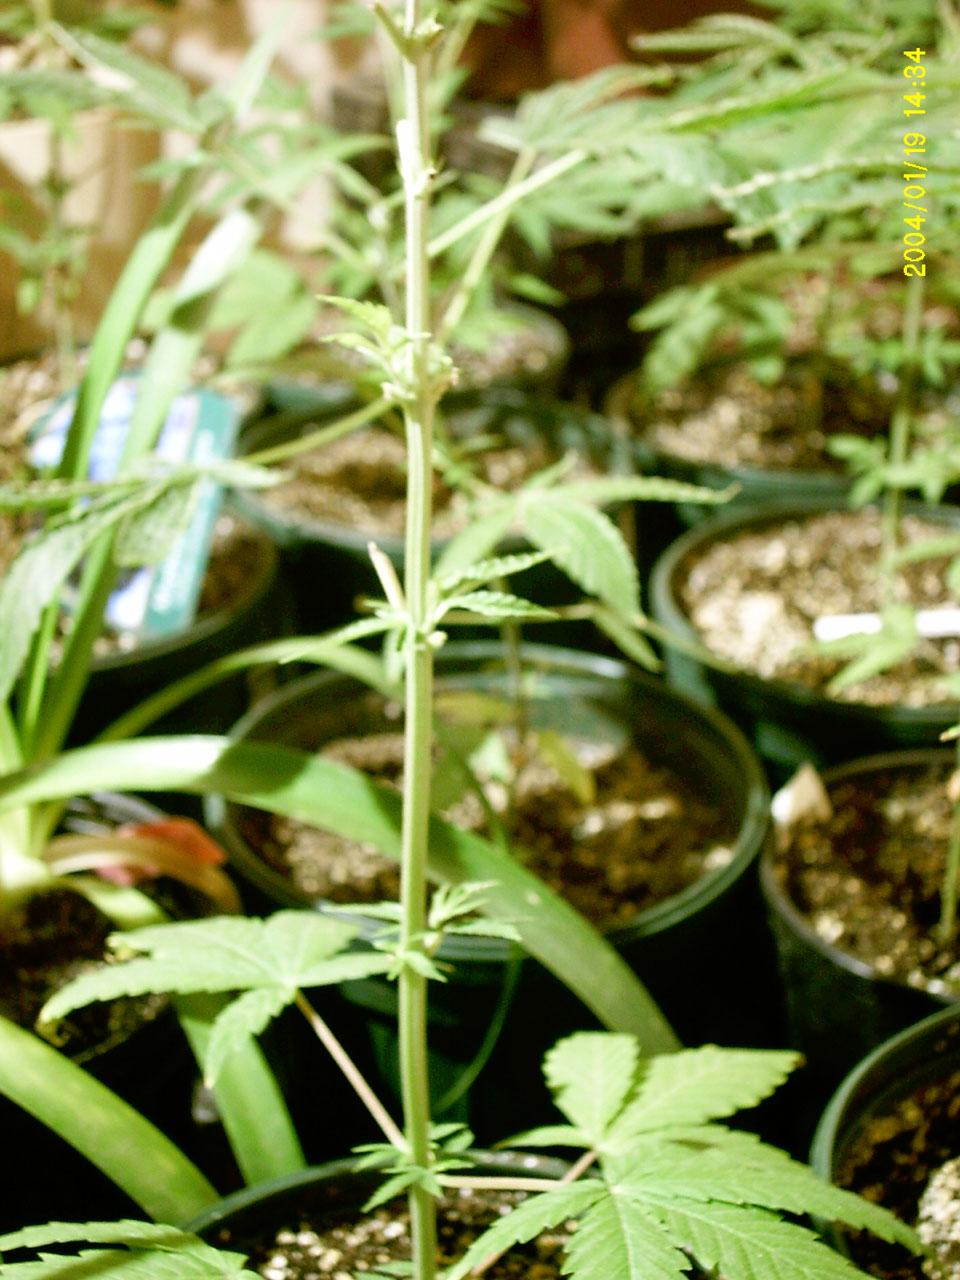 Gorilla Grow Fertilizers